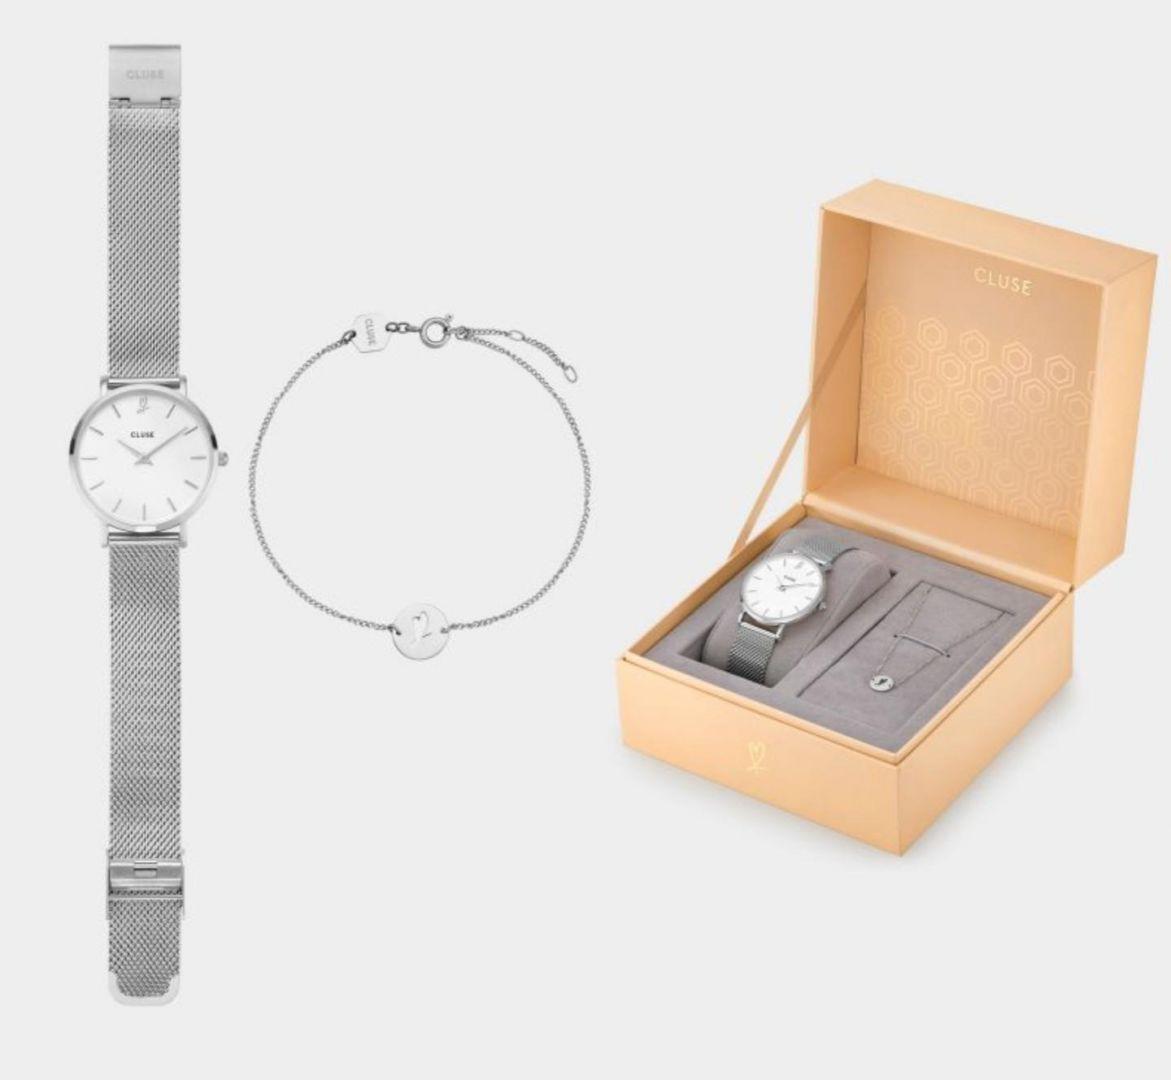 שעון יד אנלוגי cluse clg011 קלוז